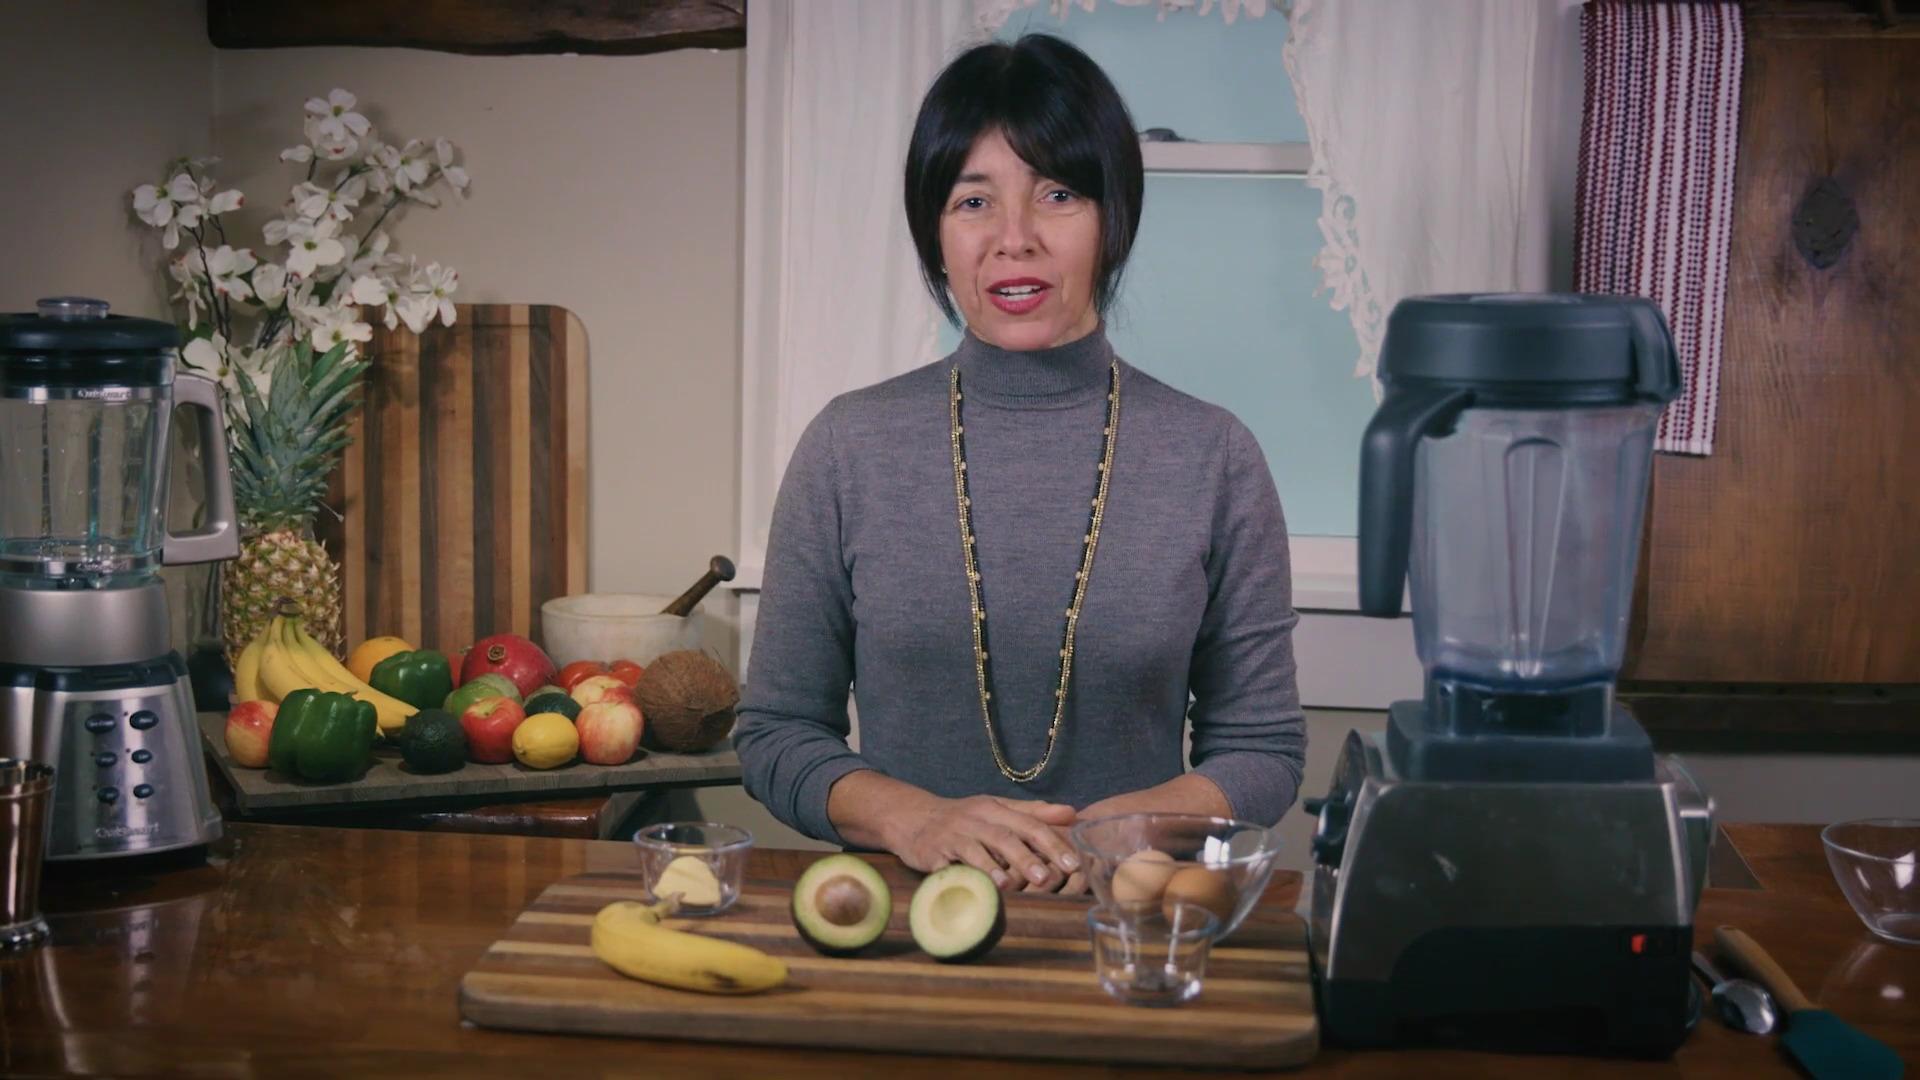 Avocado and Banana Smoothie - recipe